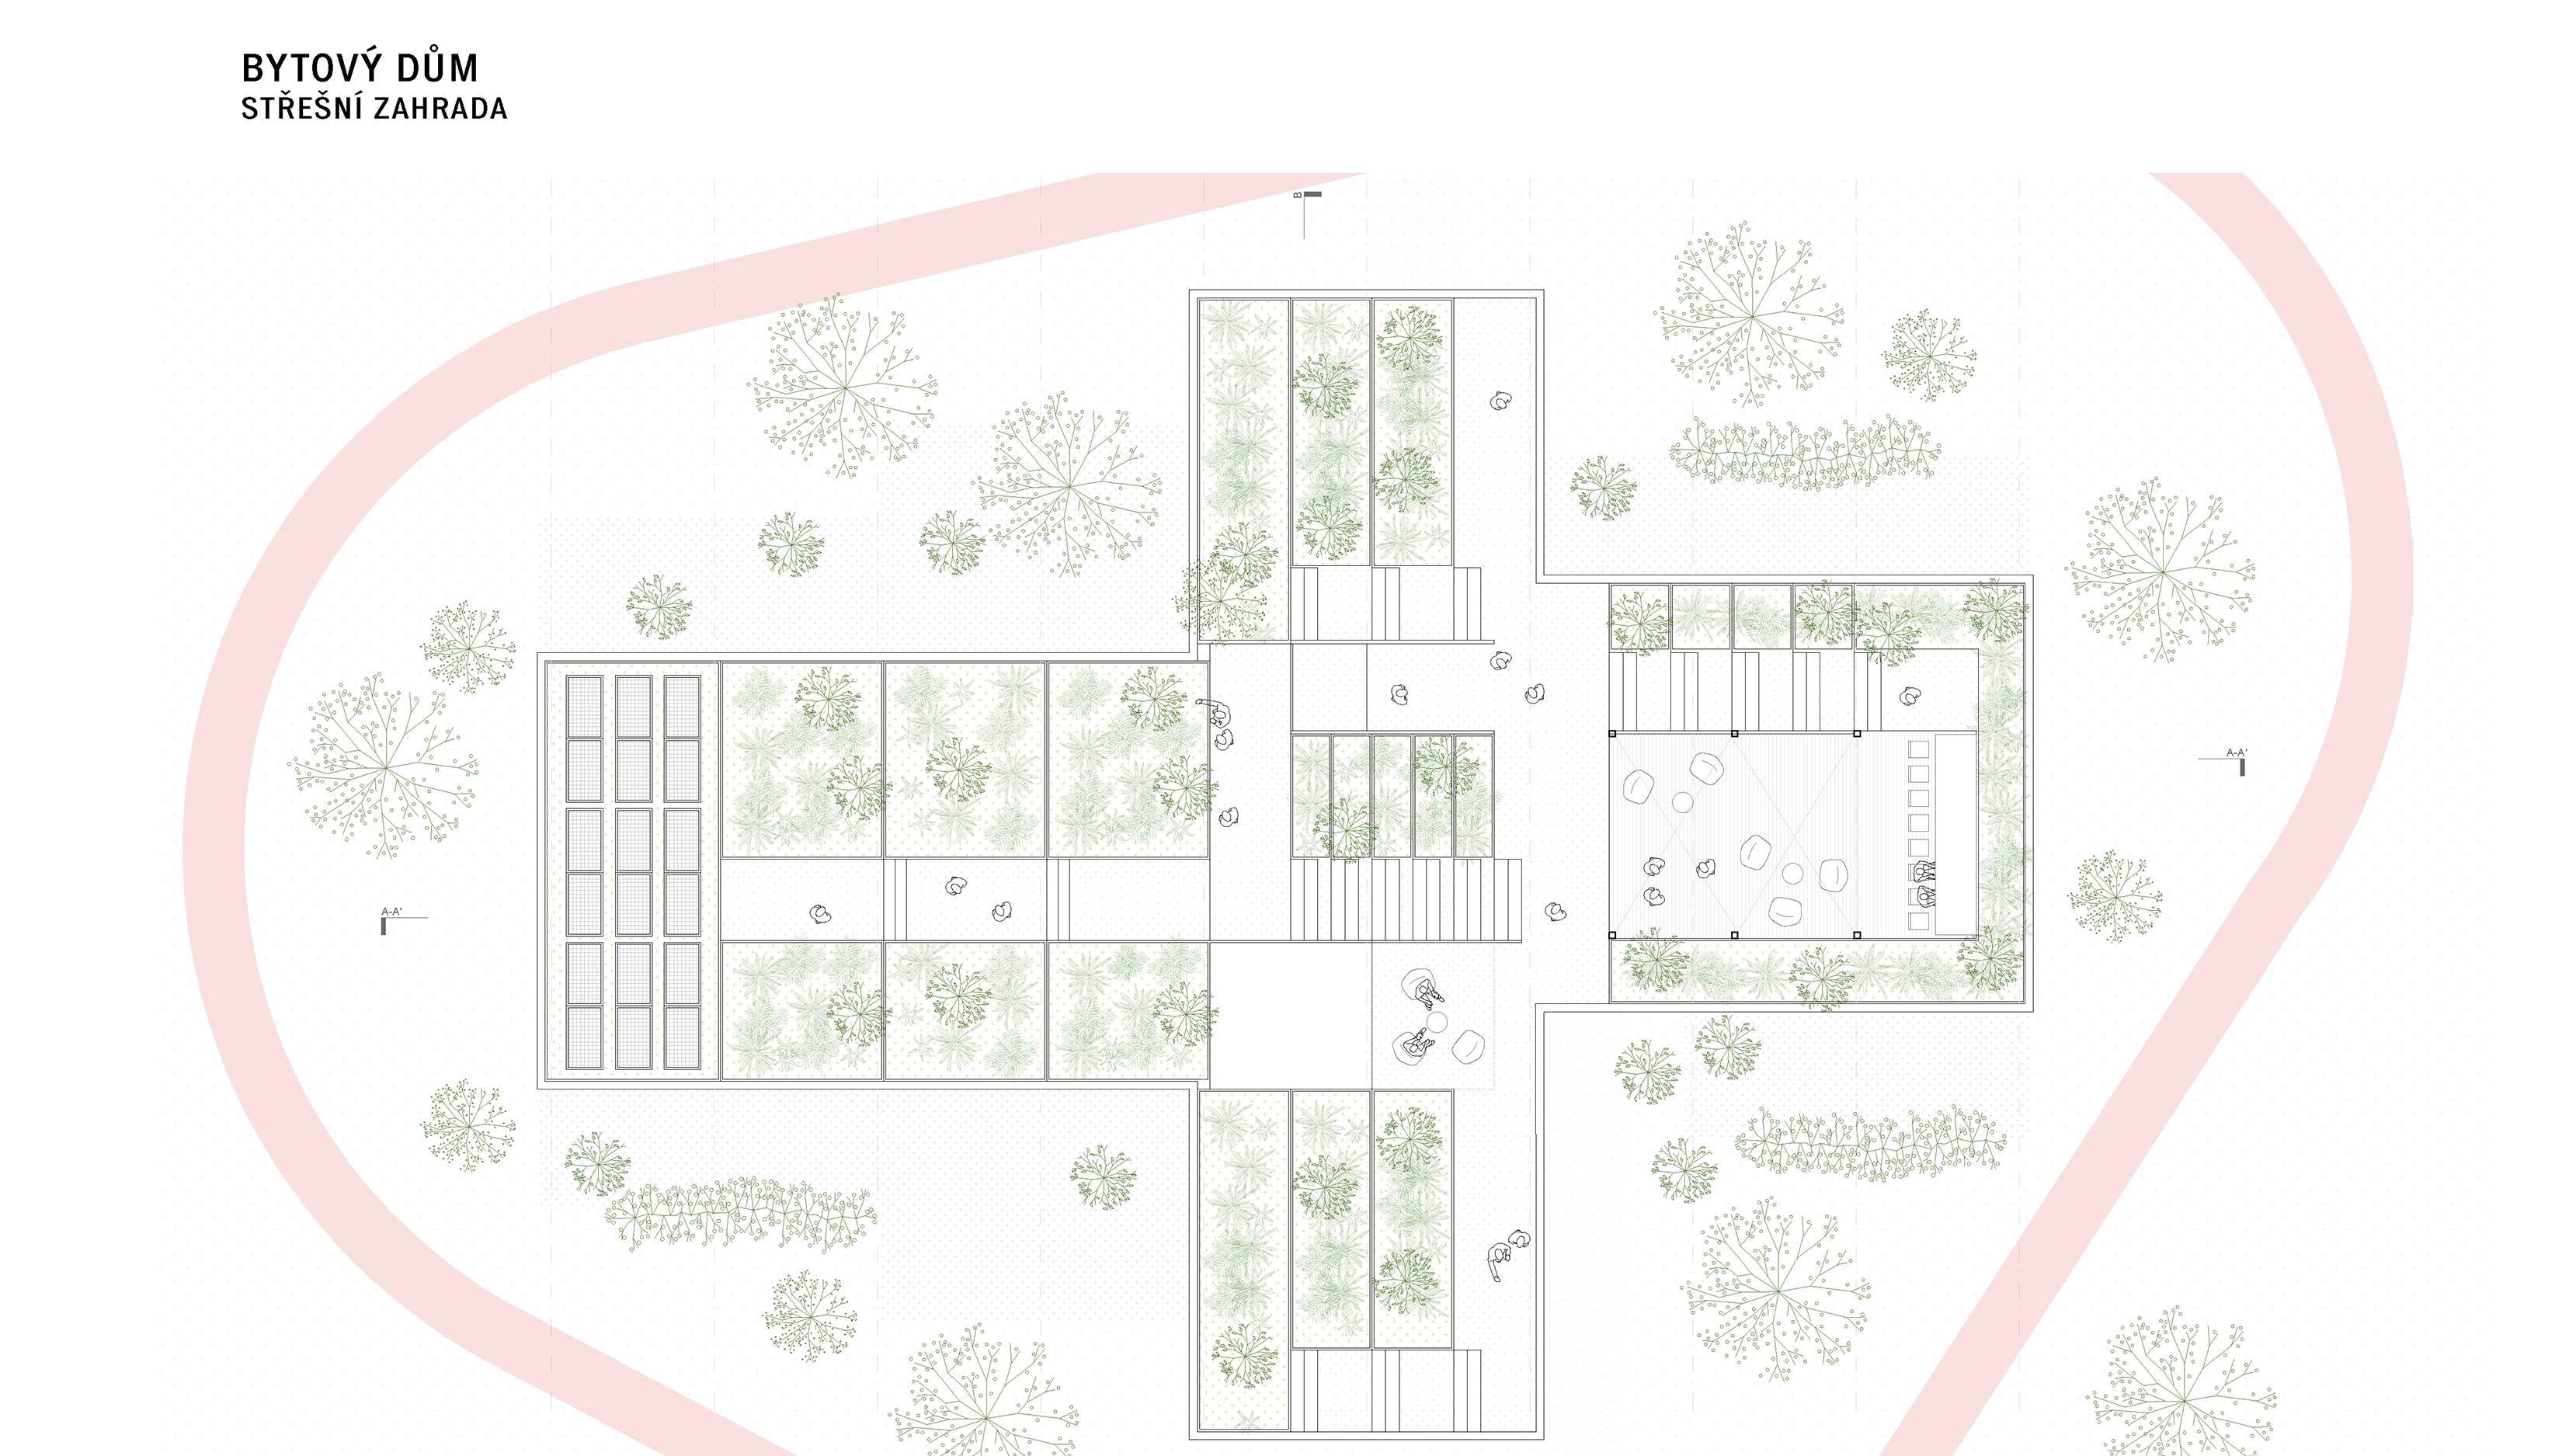 layout_case_0000_200605_Zdrave-domy_chkau_Page_77